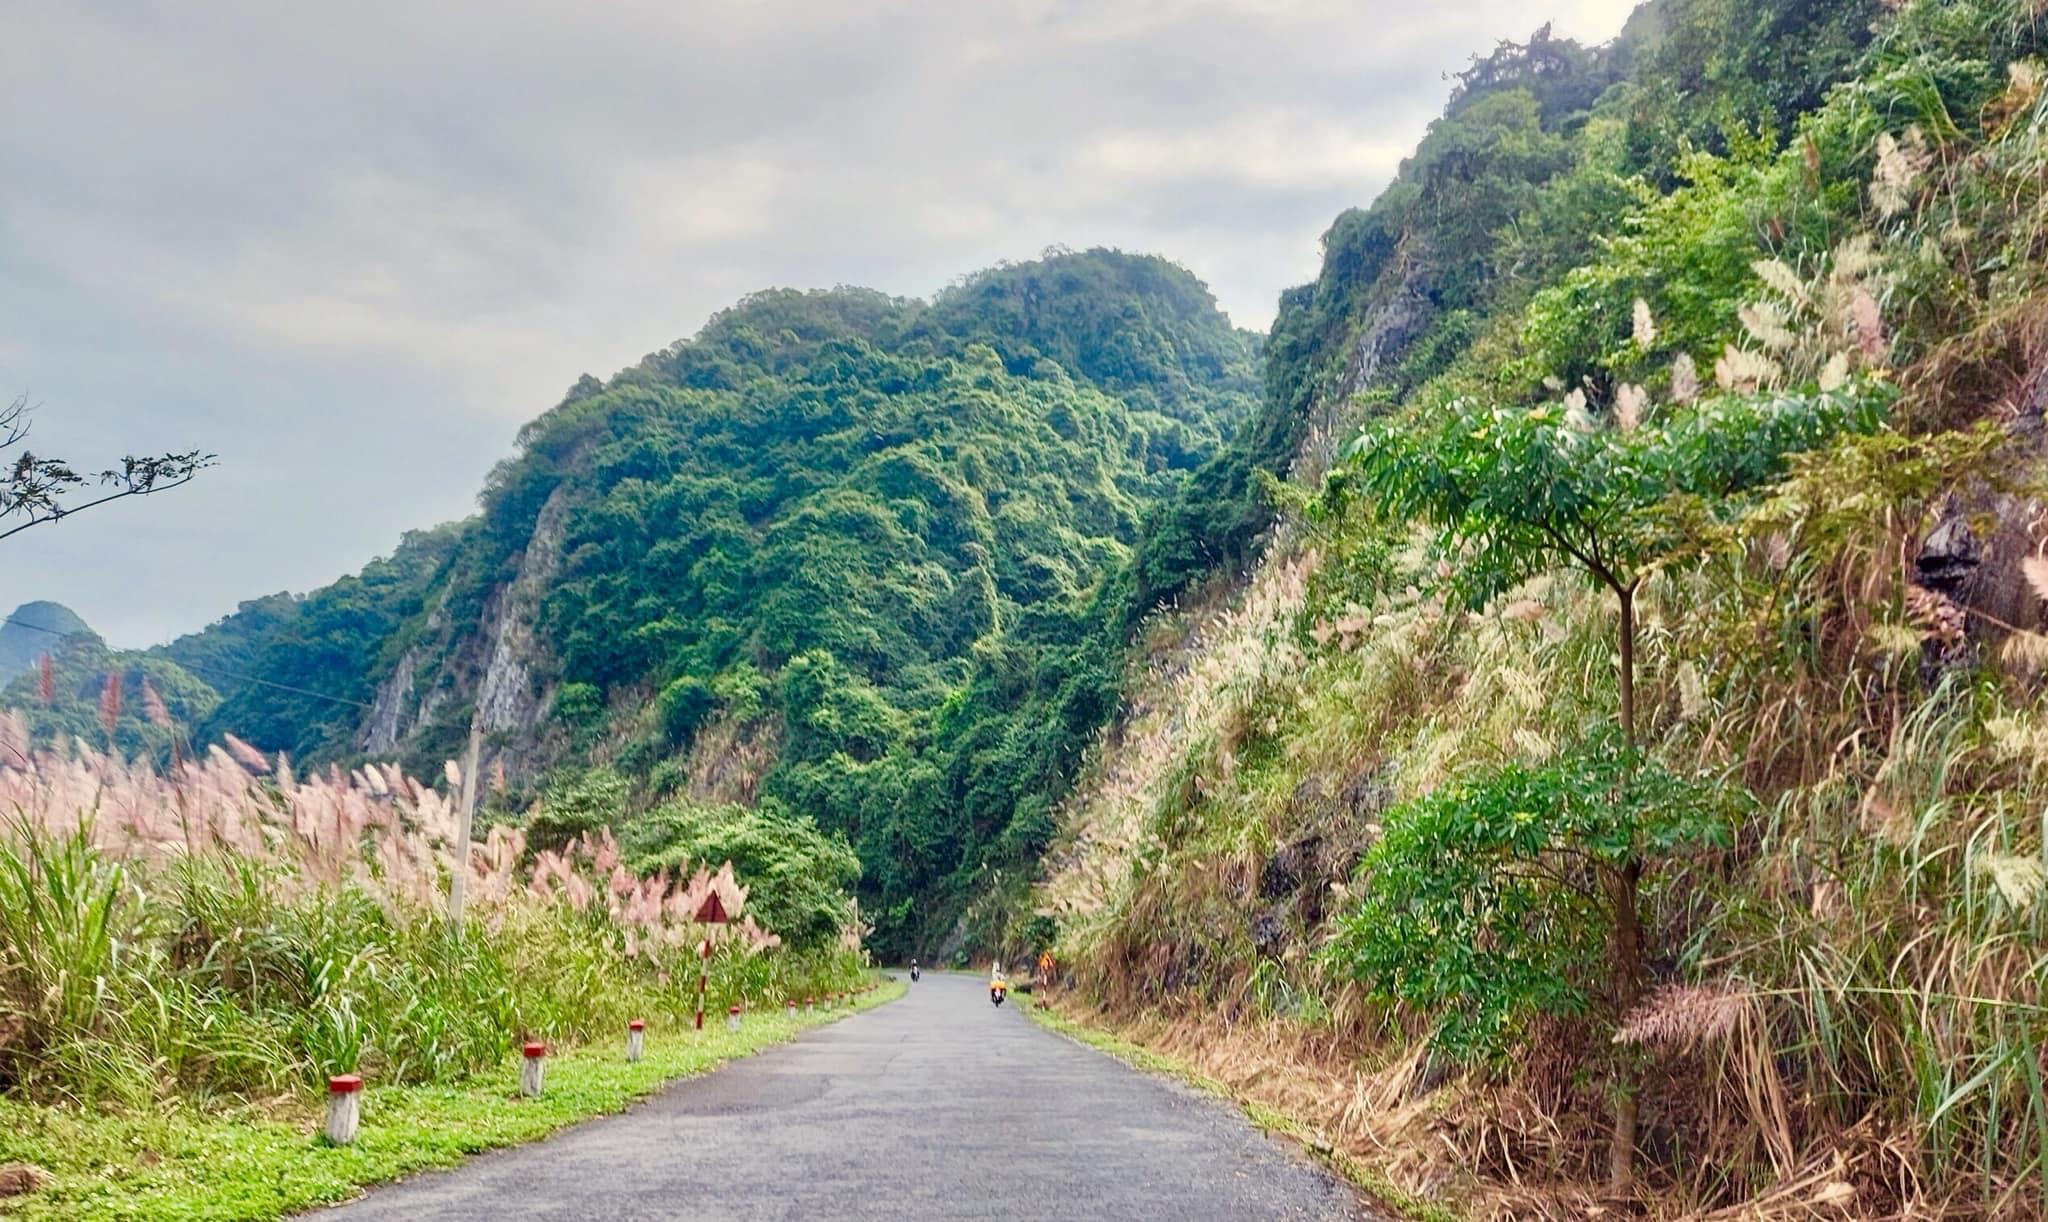 Đường lên vườn quốc gia Cát Bà. Hình: Azid Giau